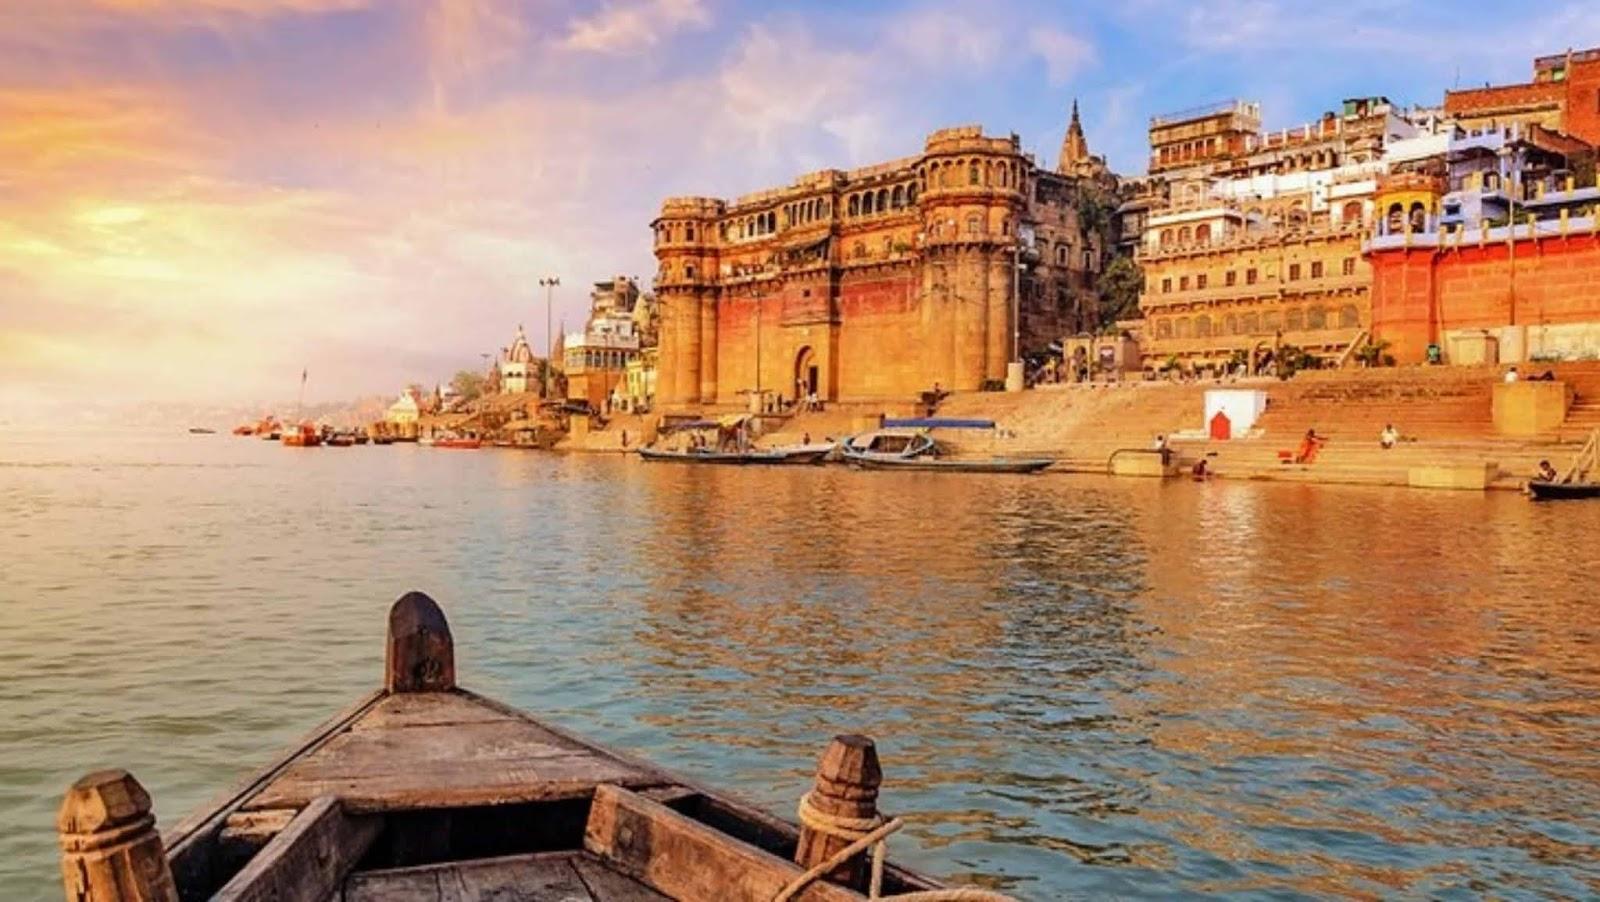 Ganges River kashi vishvanath